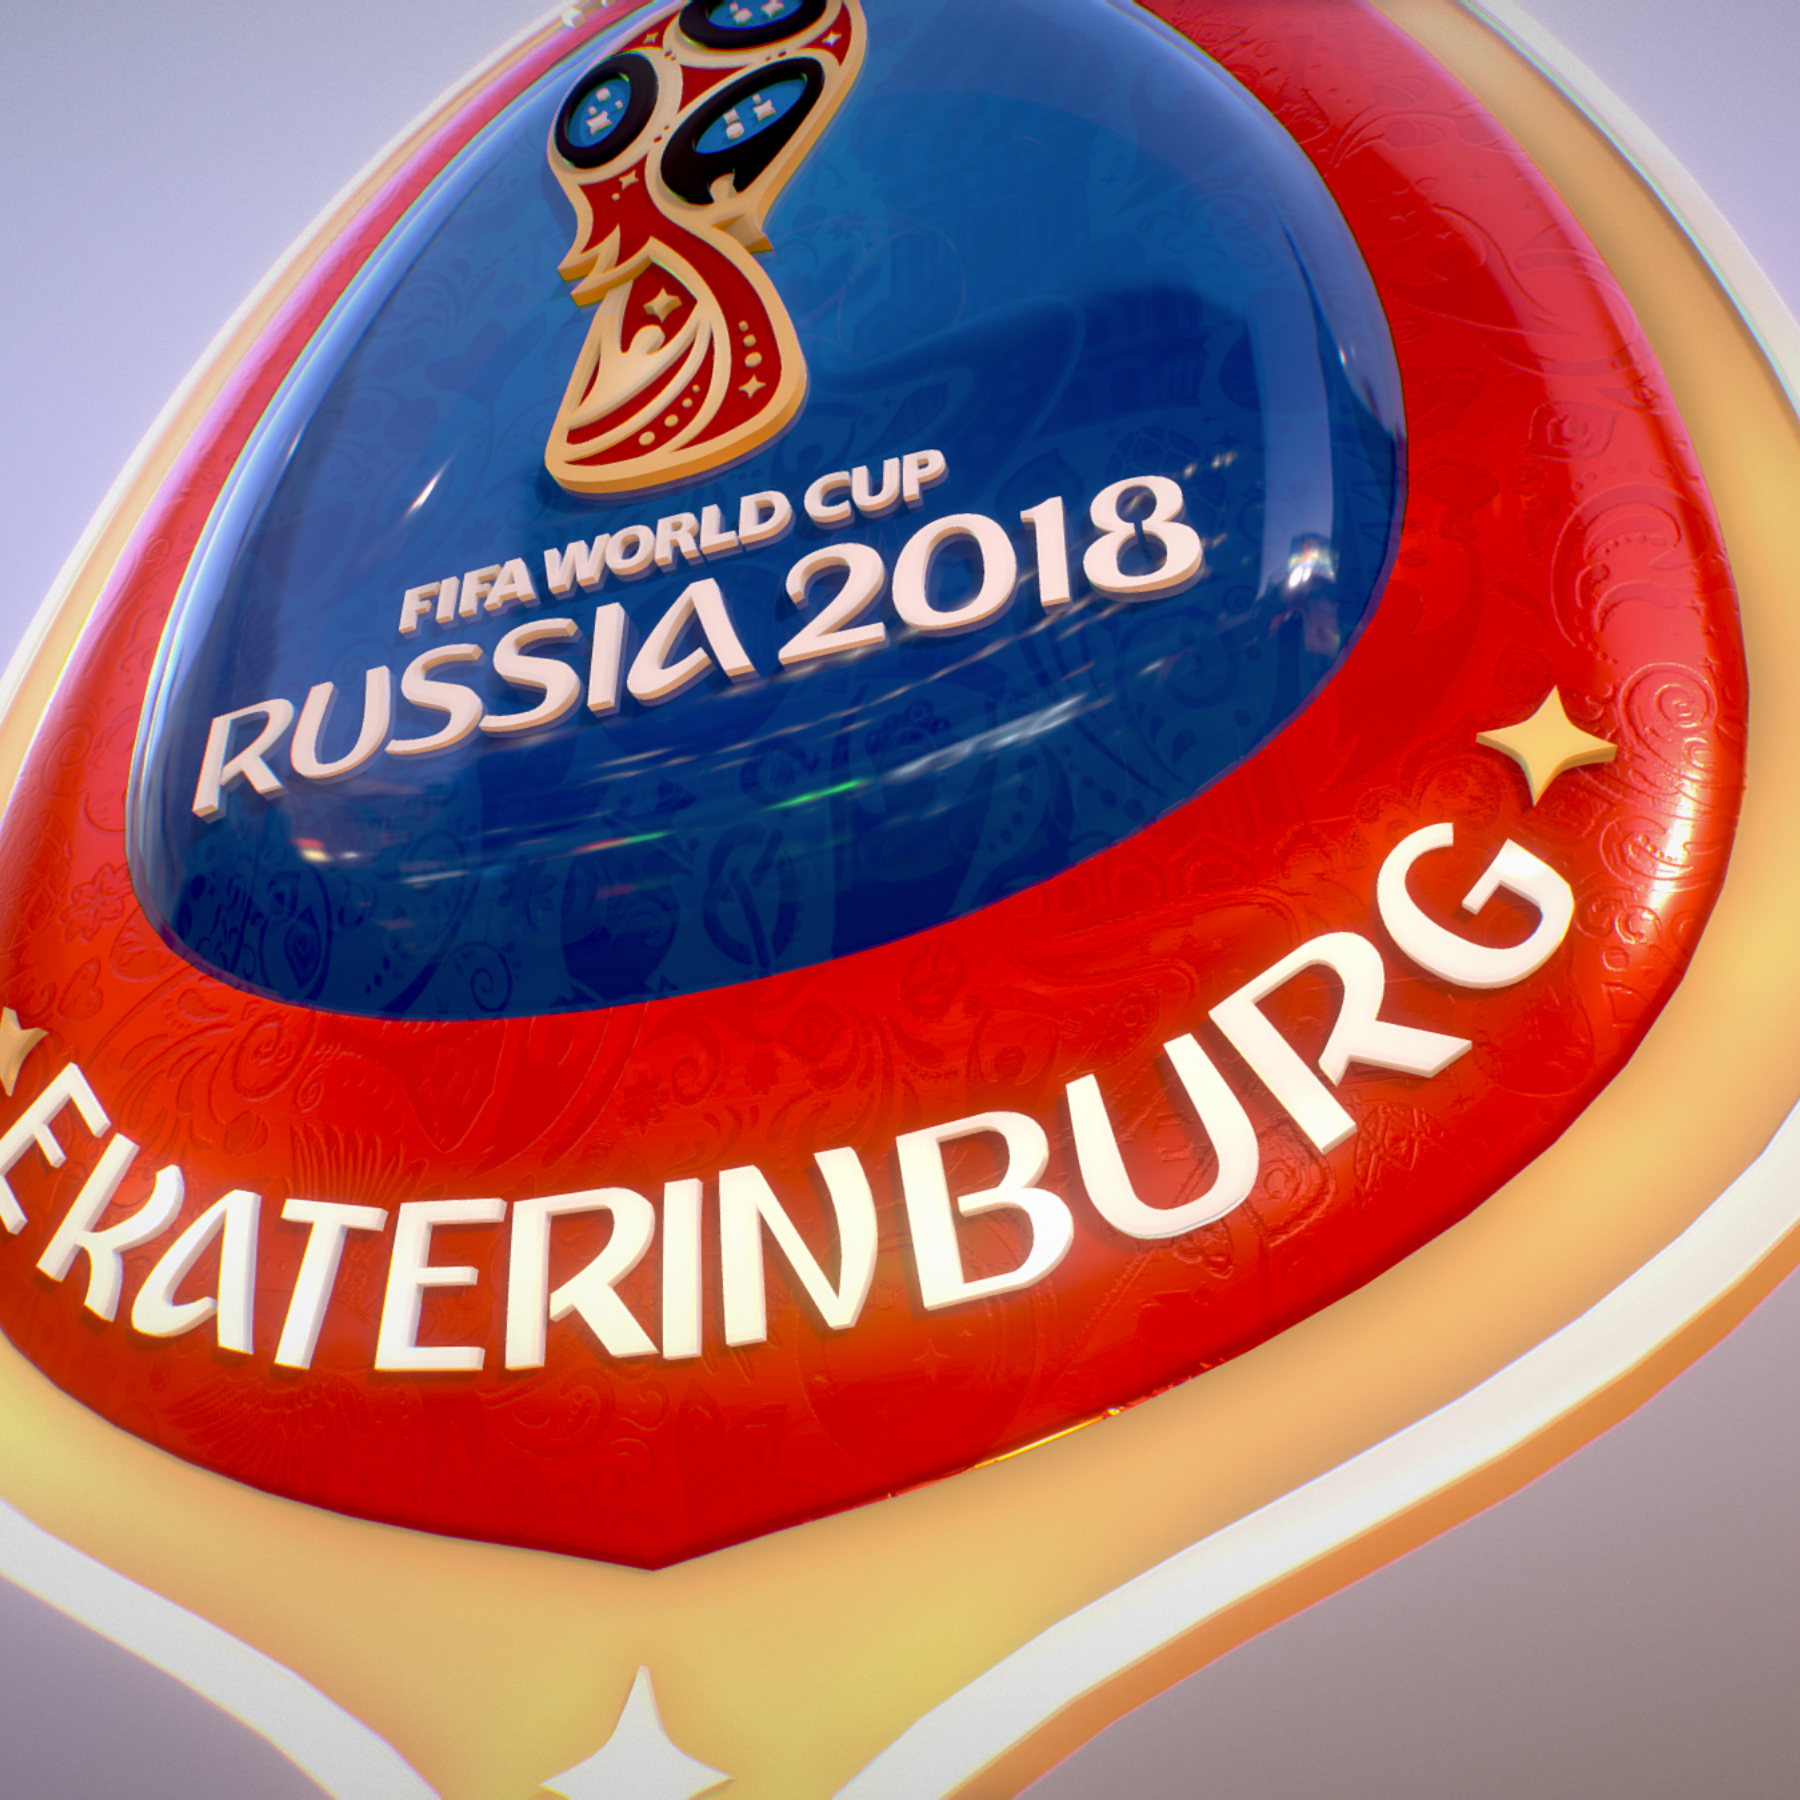 ekaterinburg city world cup russia 2018 symbol 3d model max  fbx jpeg jpg ma mb obj 271738